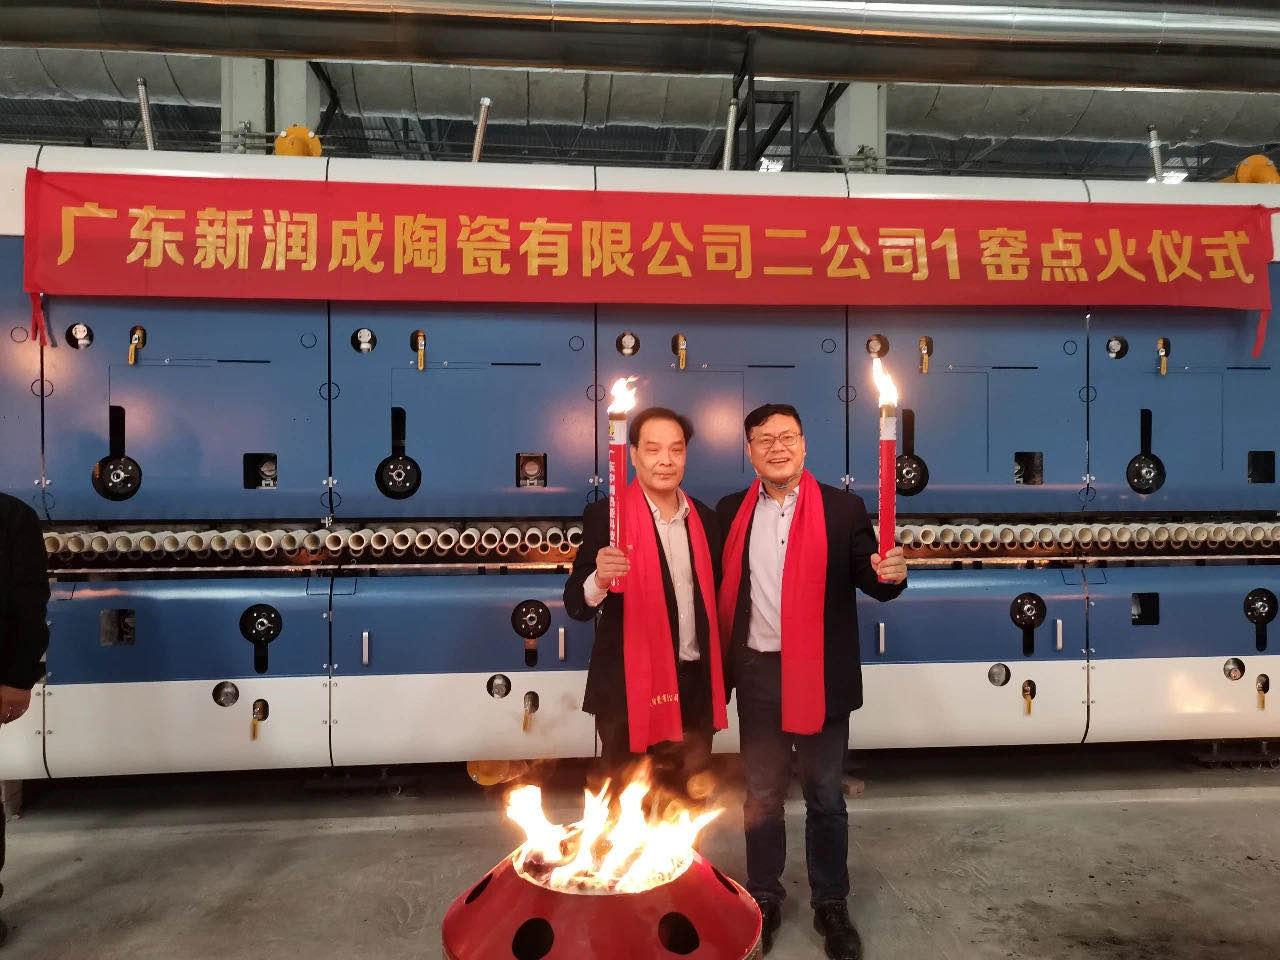 严选创变·硬核生产丨新润成瓷砖崇北基地全新3#窑顺利点火!